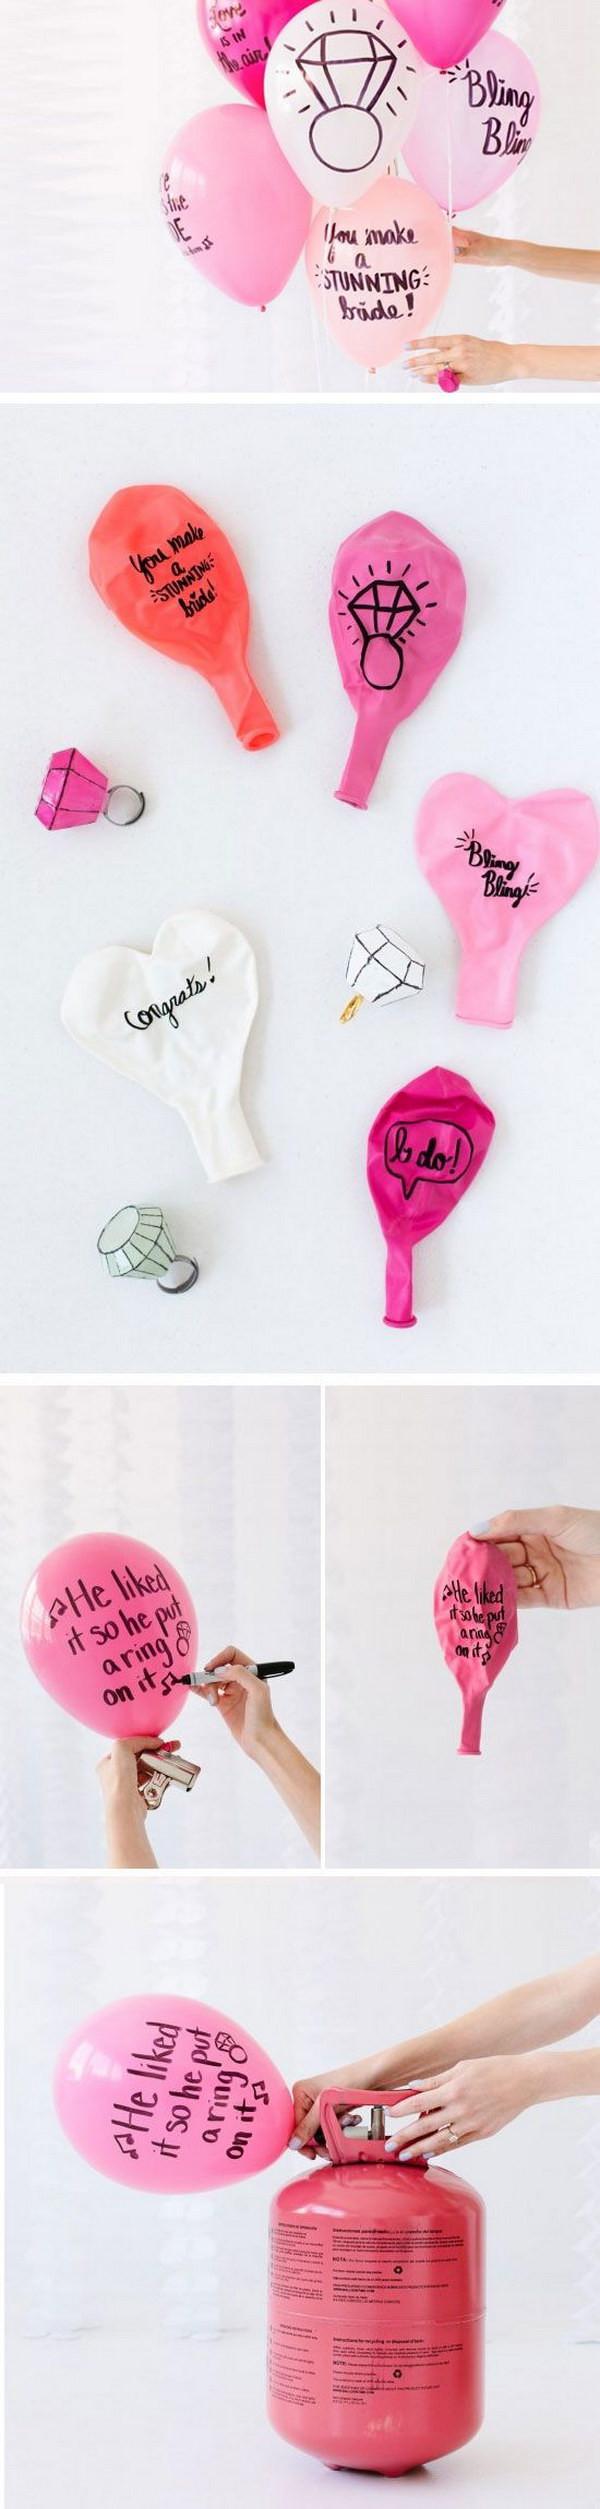 طريقة عمل أشكال بالبالونات لأعياد الميلاد - الكتابة على البالونات